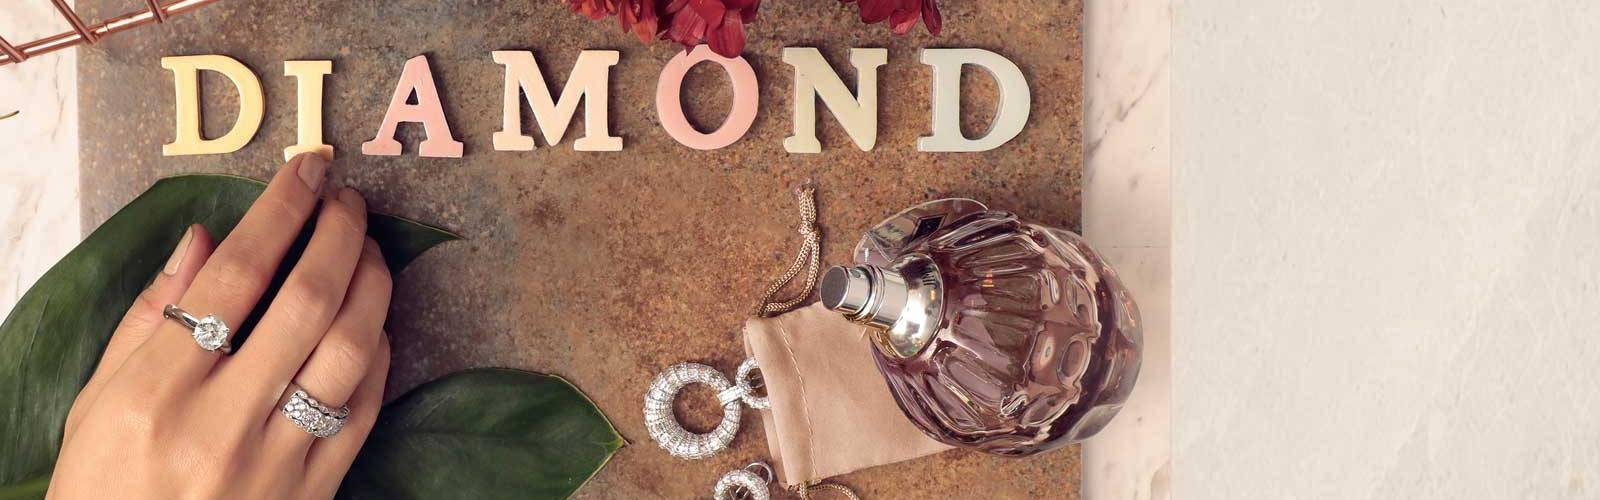 diamond month